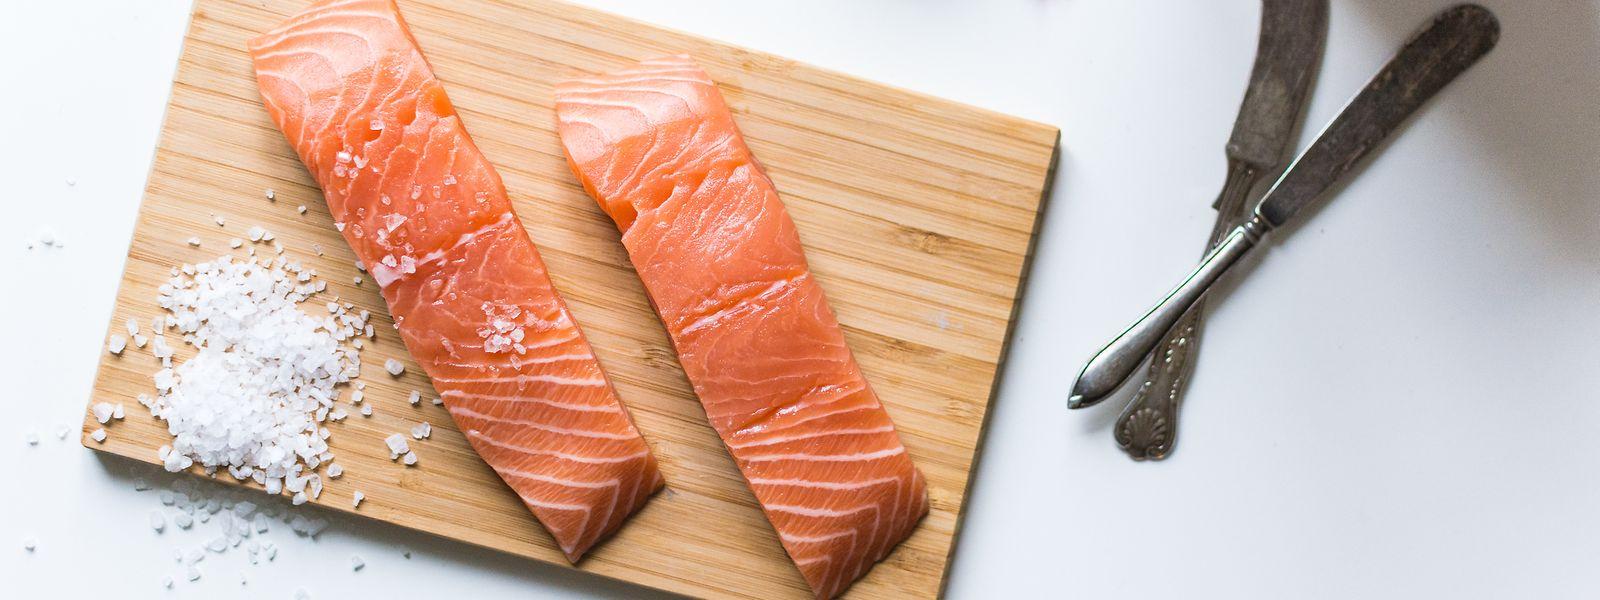 Fischsorten wie Lachs stehen für viele Menschen in Luxemburg ganz oben auf dem Speisezettel.